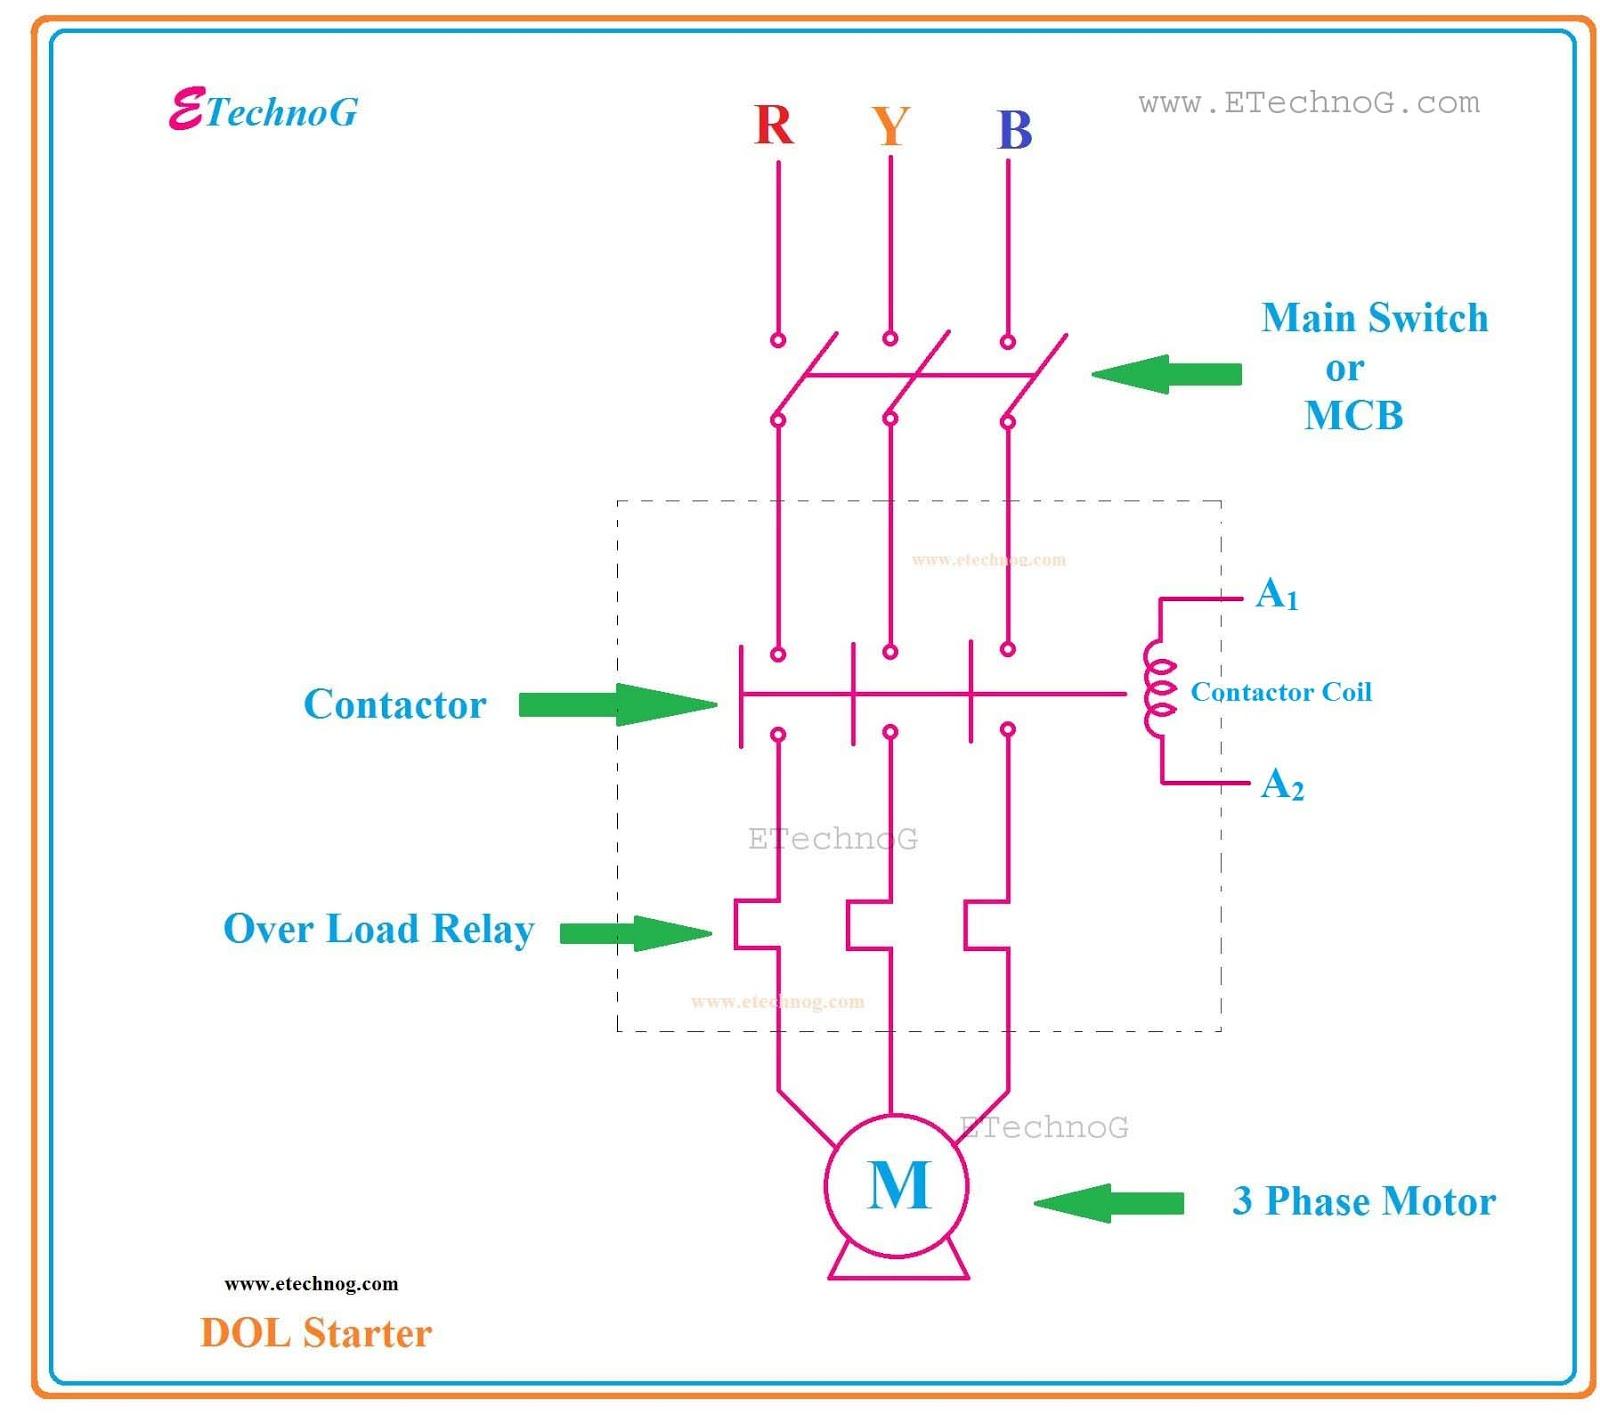 dol starter power circuit diagram dol starter diagram [ 1600 x 1415 Pixel ]